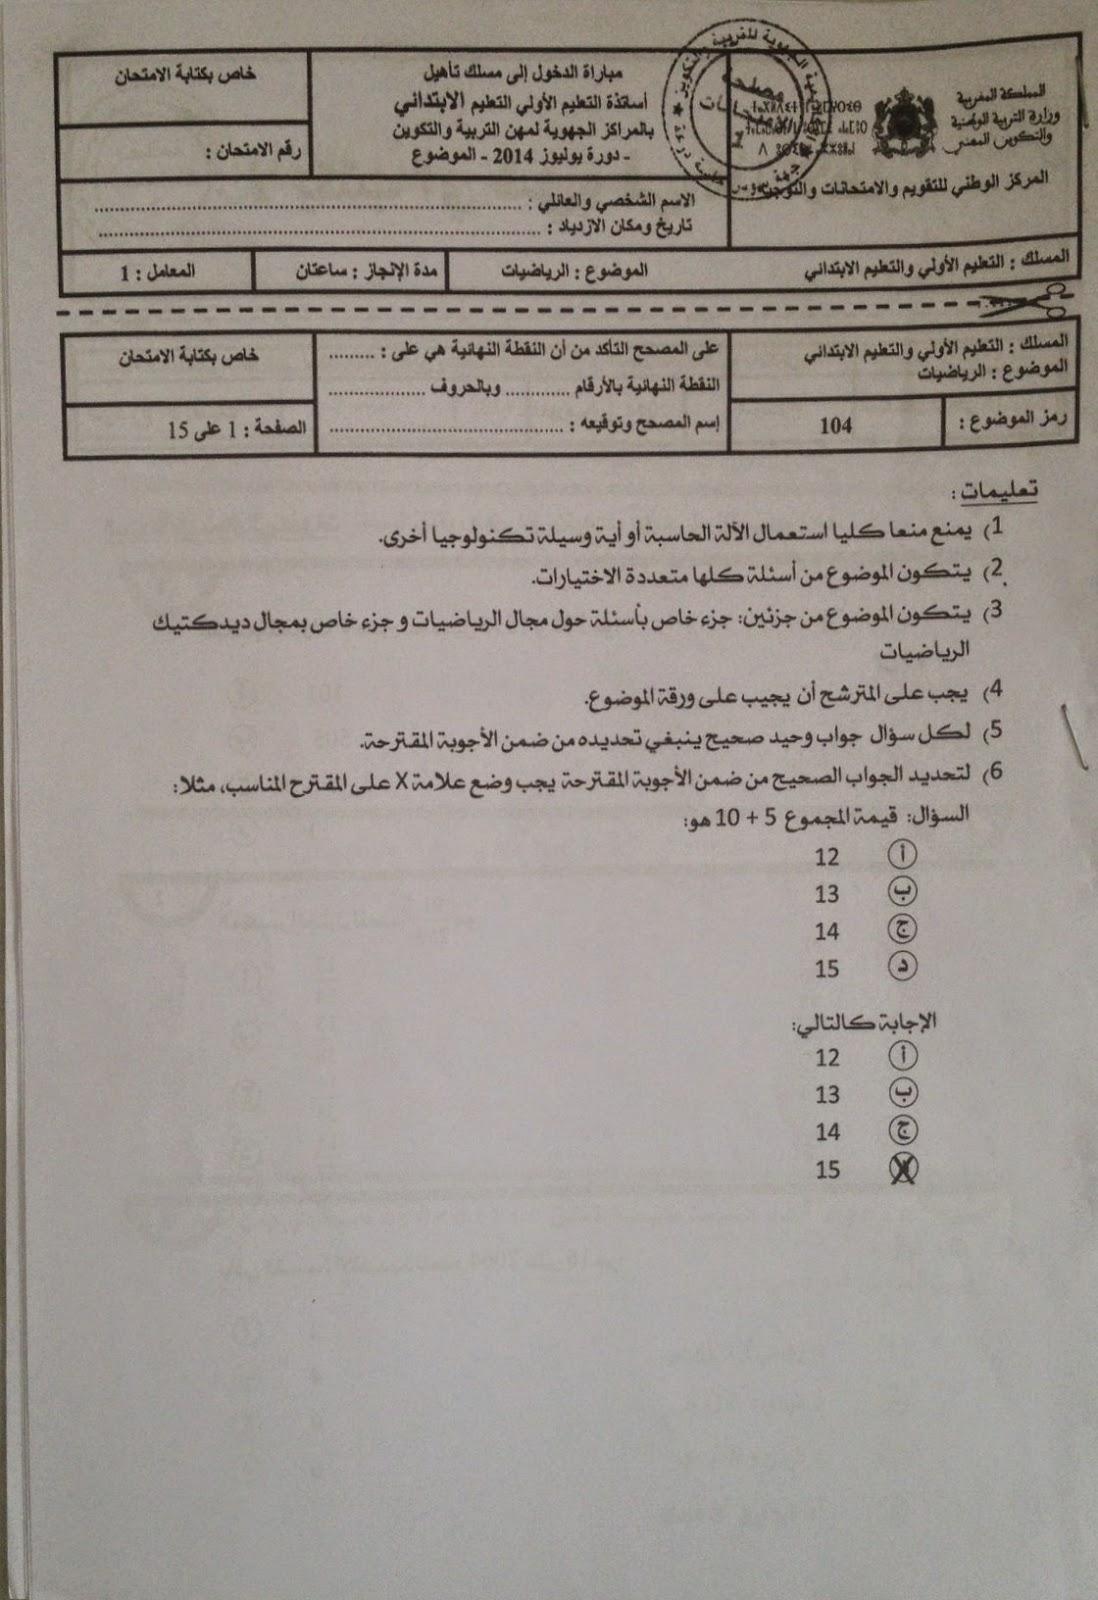 الاختبار الكتابي لولوج المراكز الجهوية للسلك الابتدائي دورة يوليوز 2014- مادة الرياضيات  Nouveau%2Bdocument%2B2_11